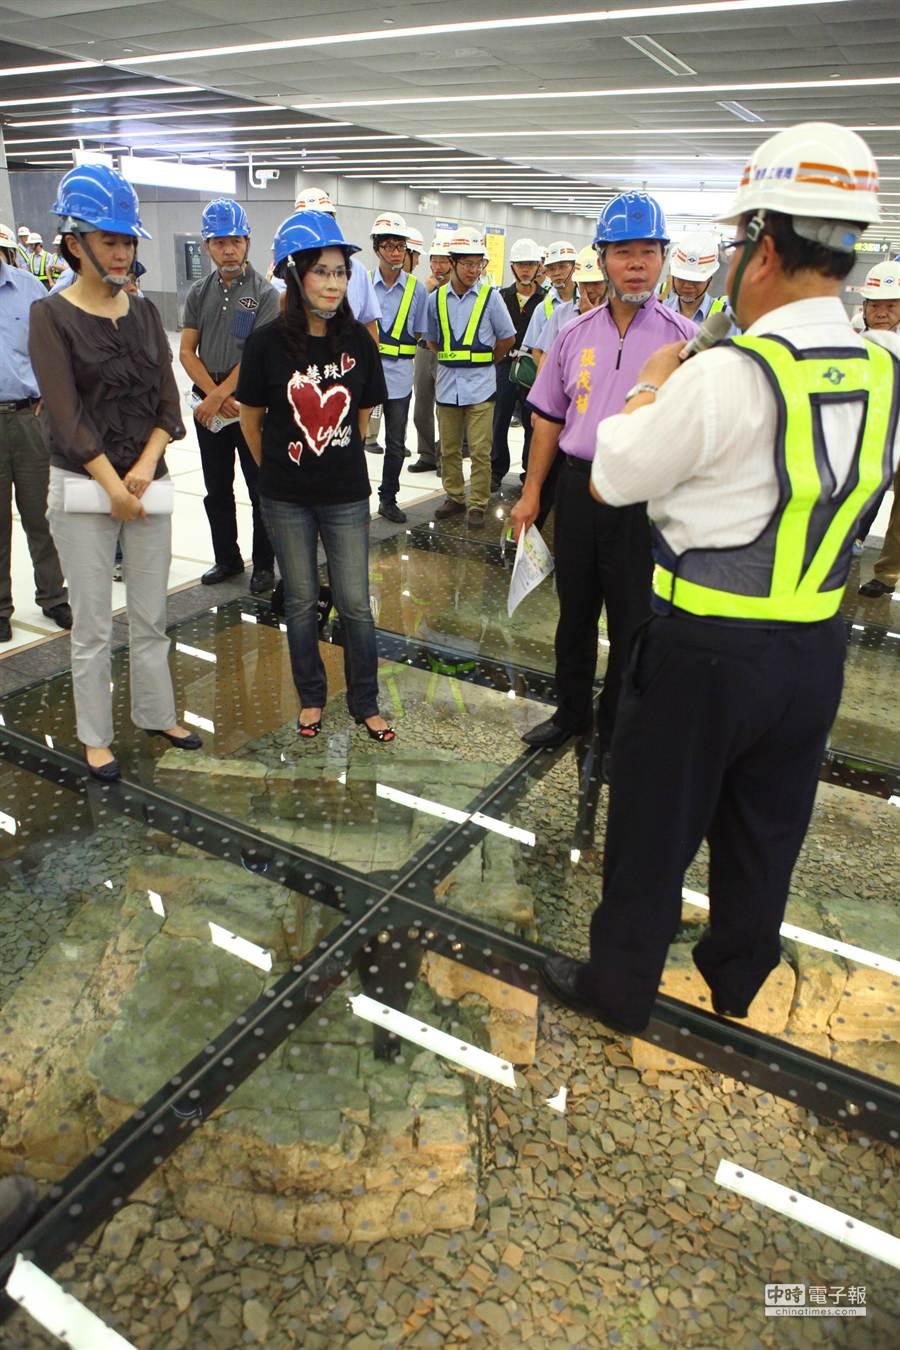 台北捷運松山線北門站內公共藝術曝光,有12個地下考古坑供乘客欣賞。(張立勳攝)